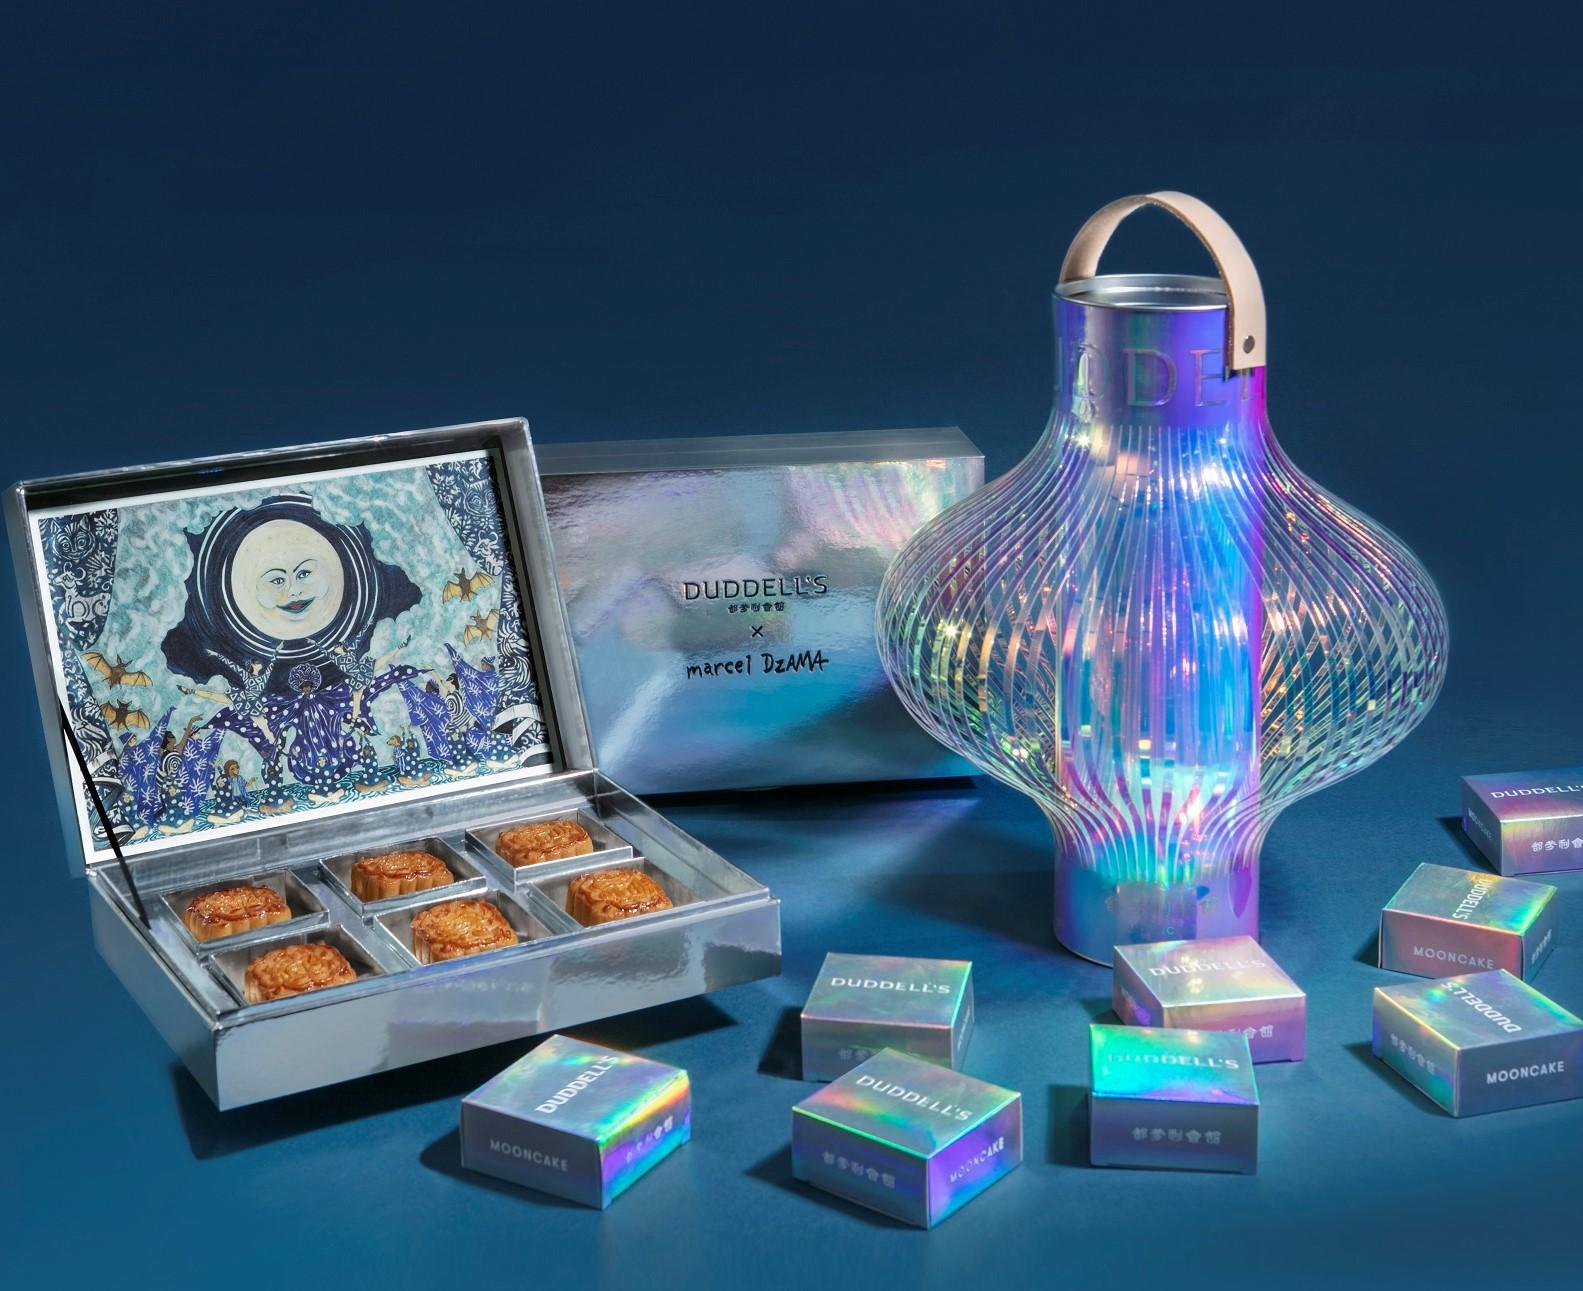 Duddell's mooncake gift box 2019